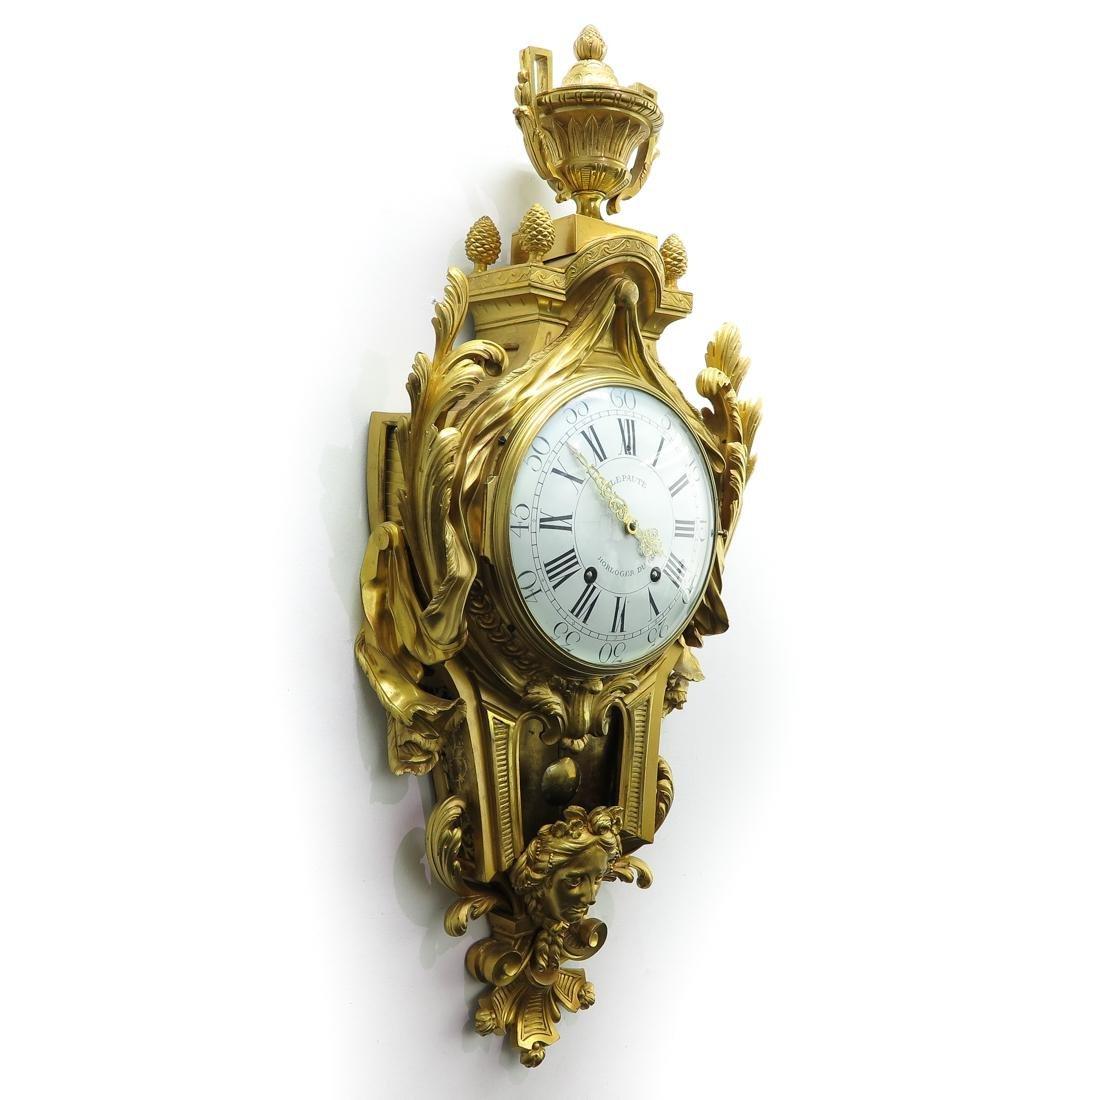 French Cartel Clock Signed Lepaute Horloger du Roi - 2